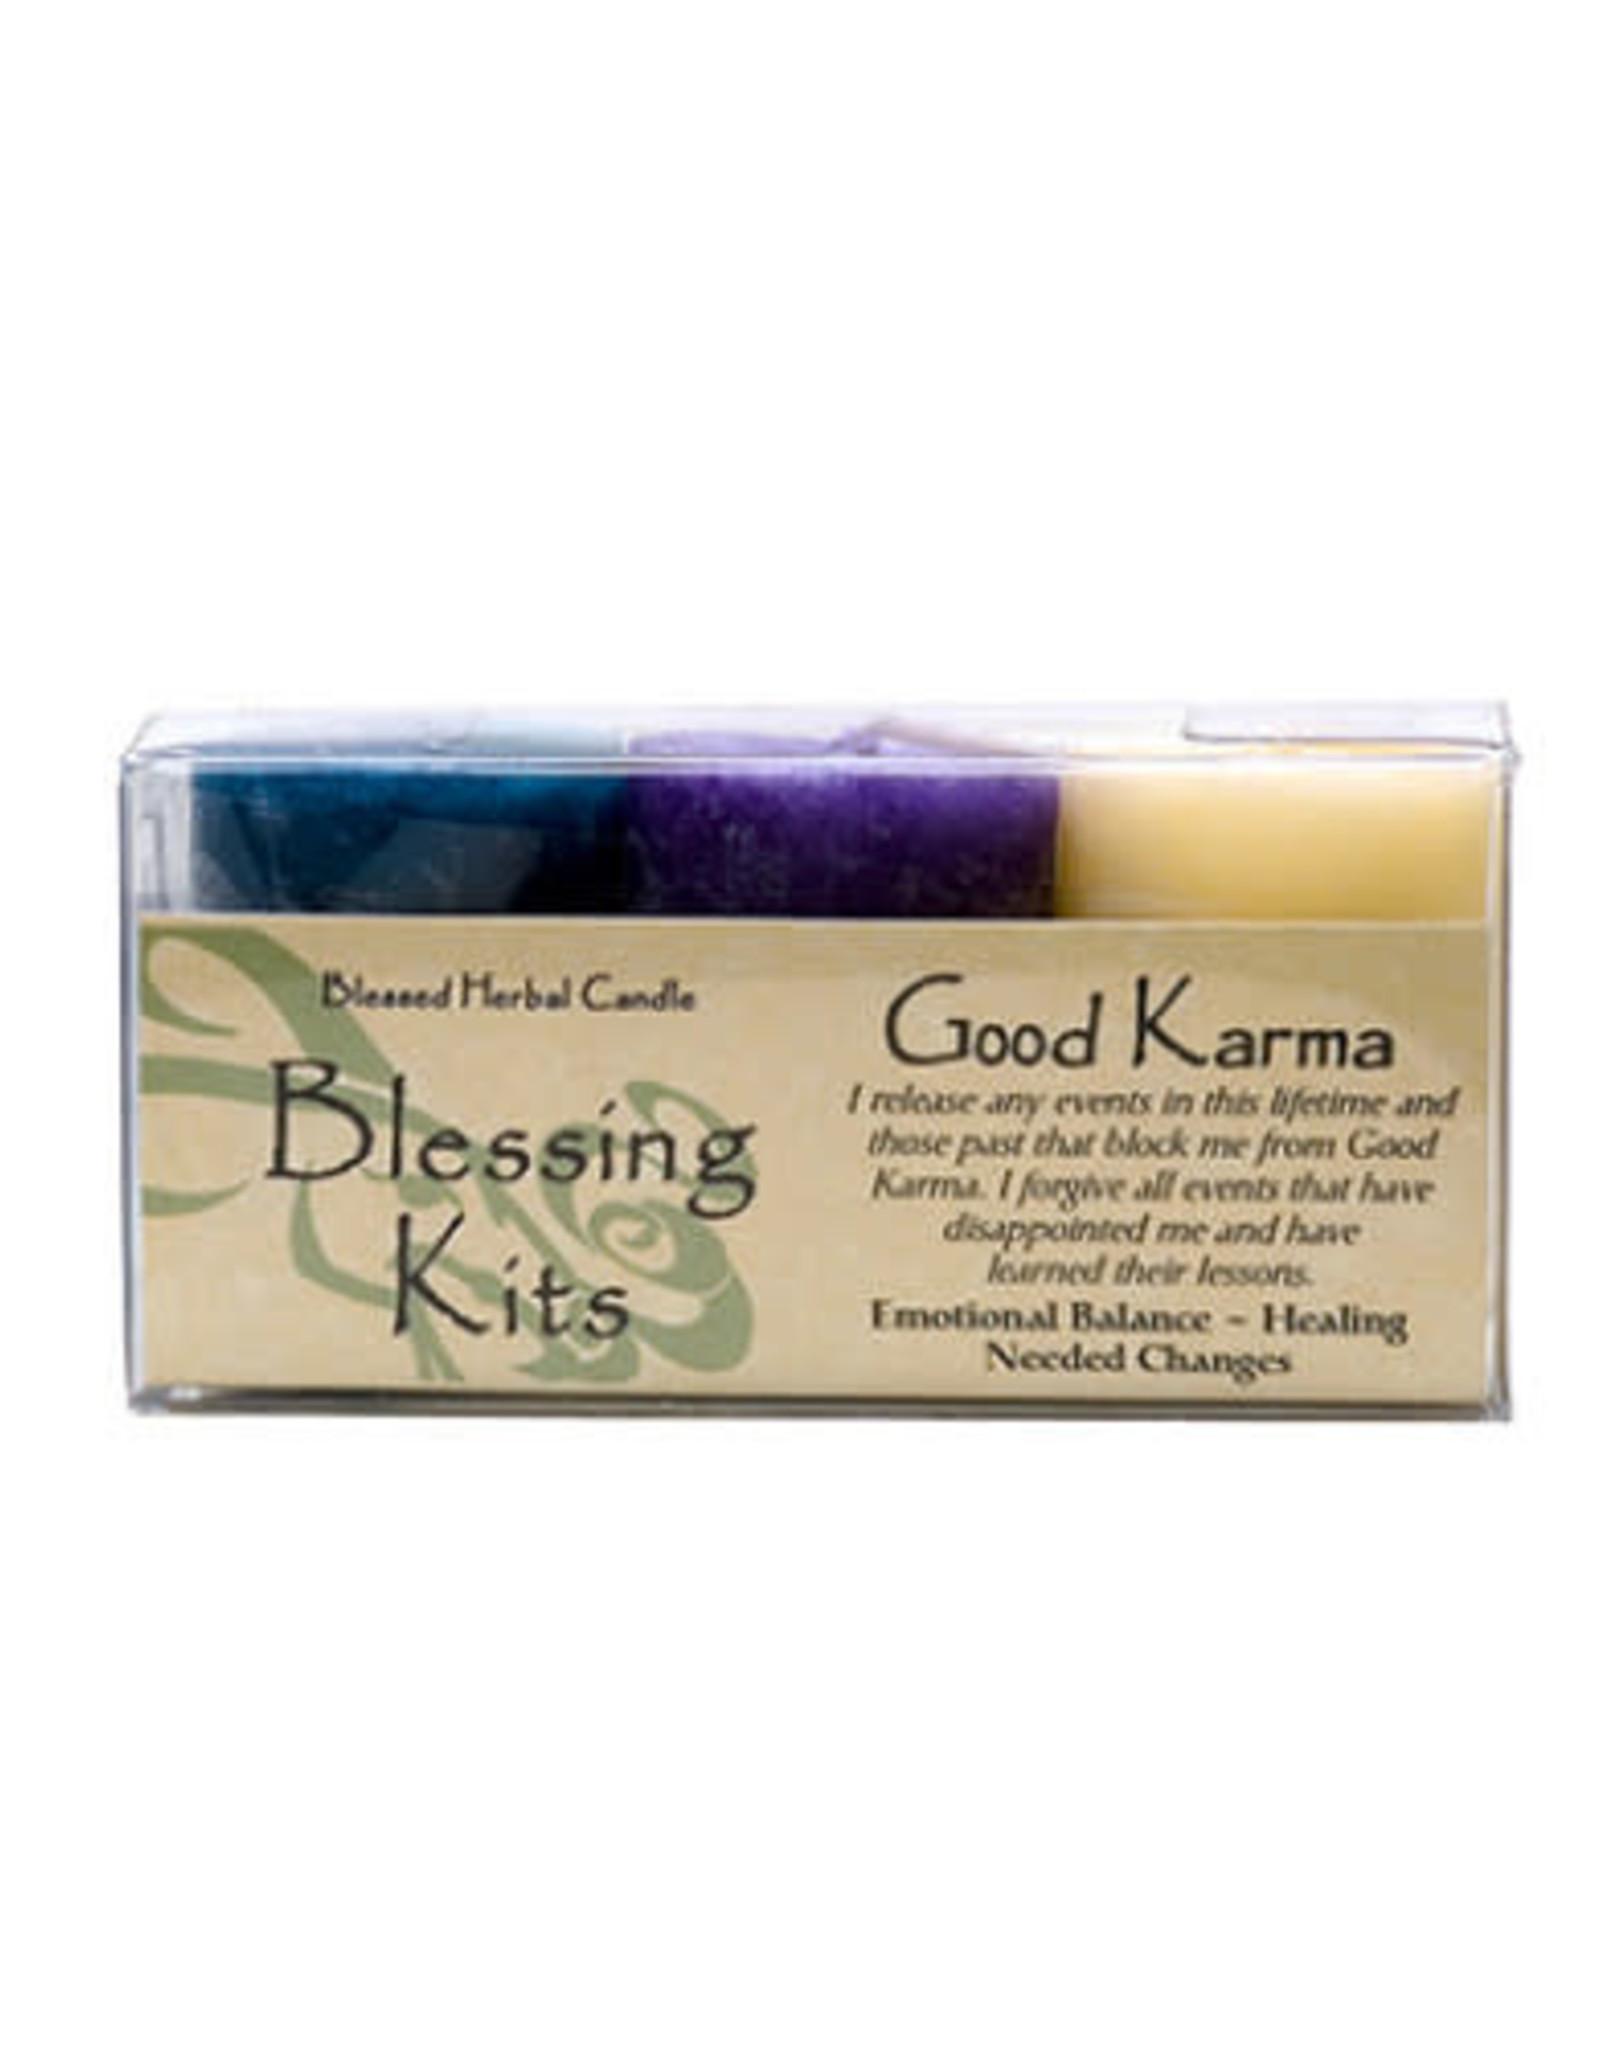 Good Karma Candle Kit